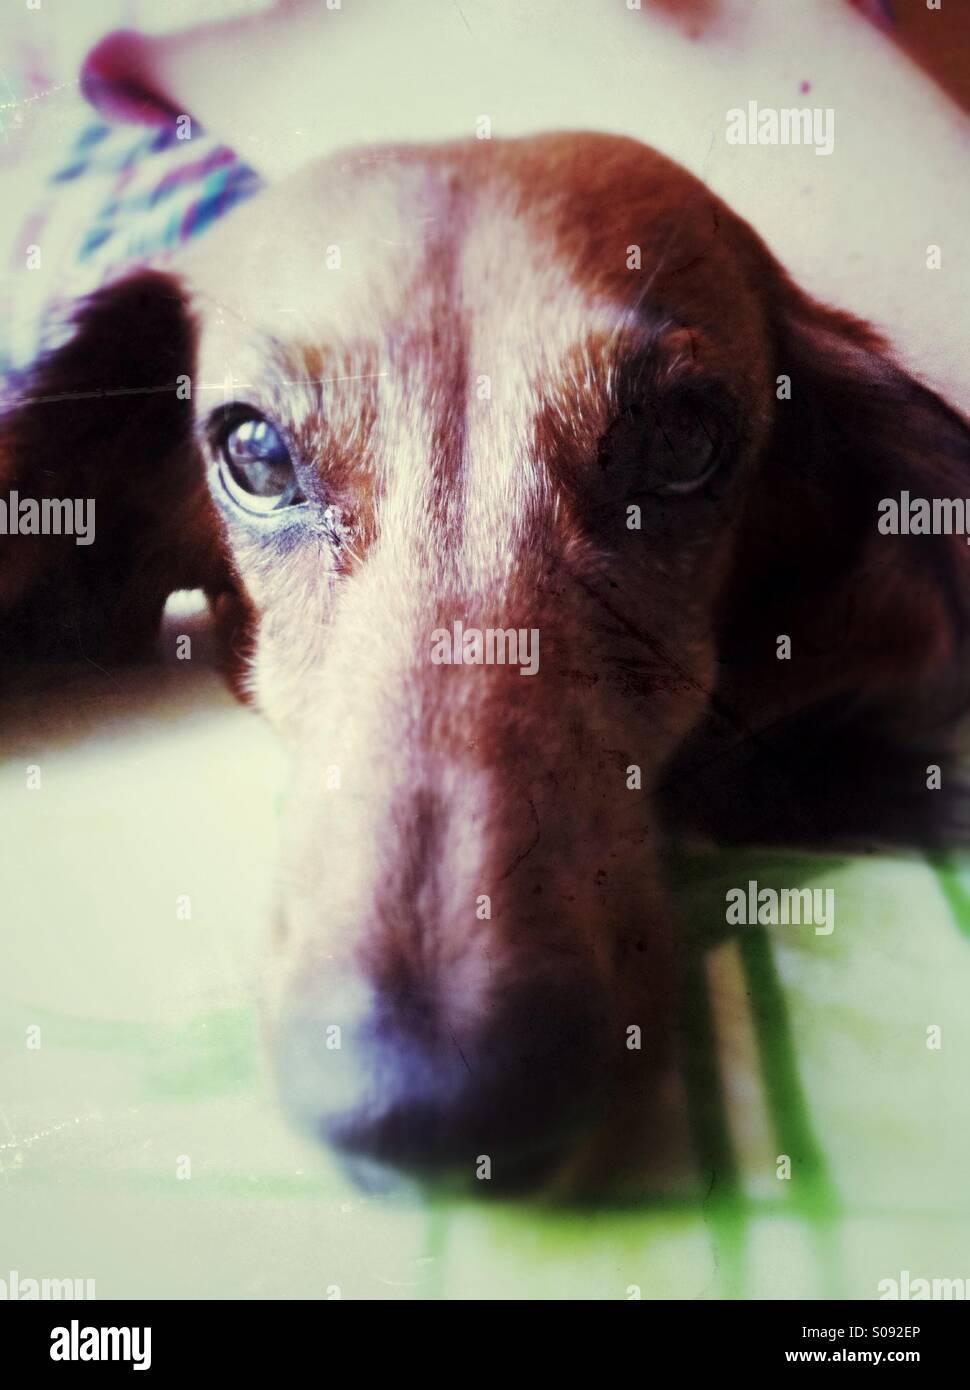 Portrait de chien mignon Photo Stock